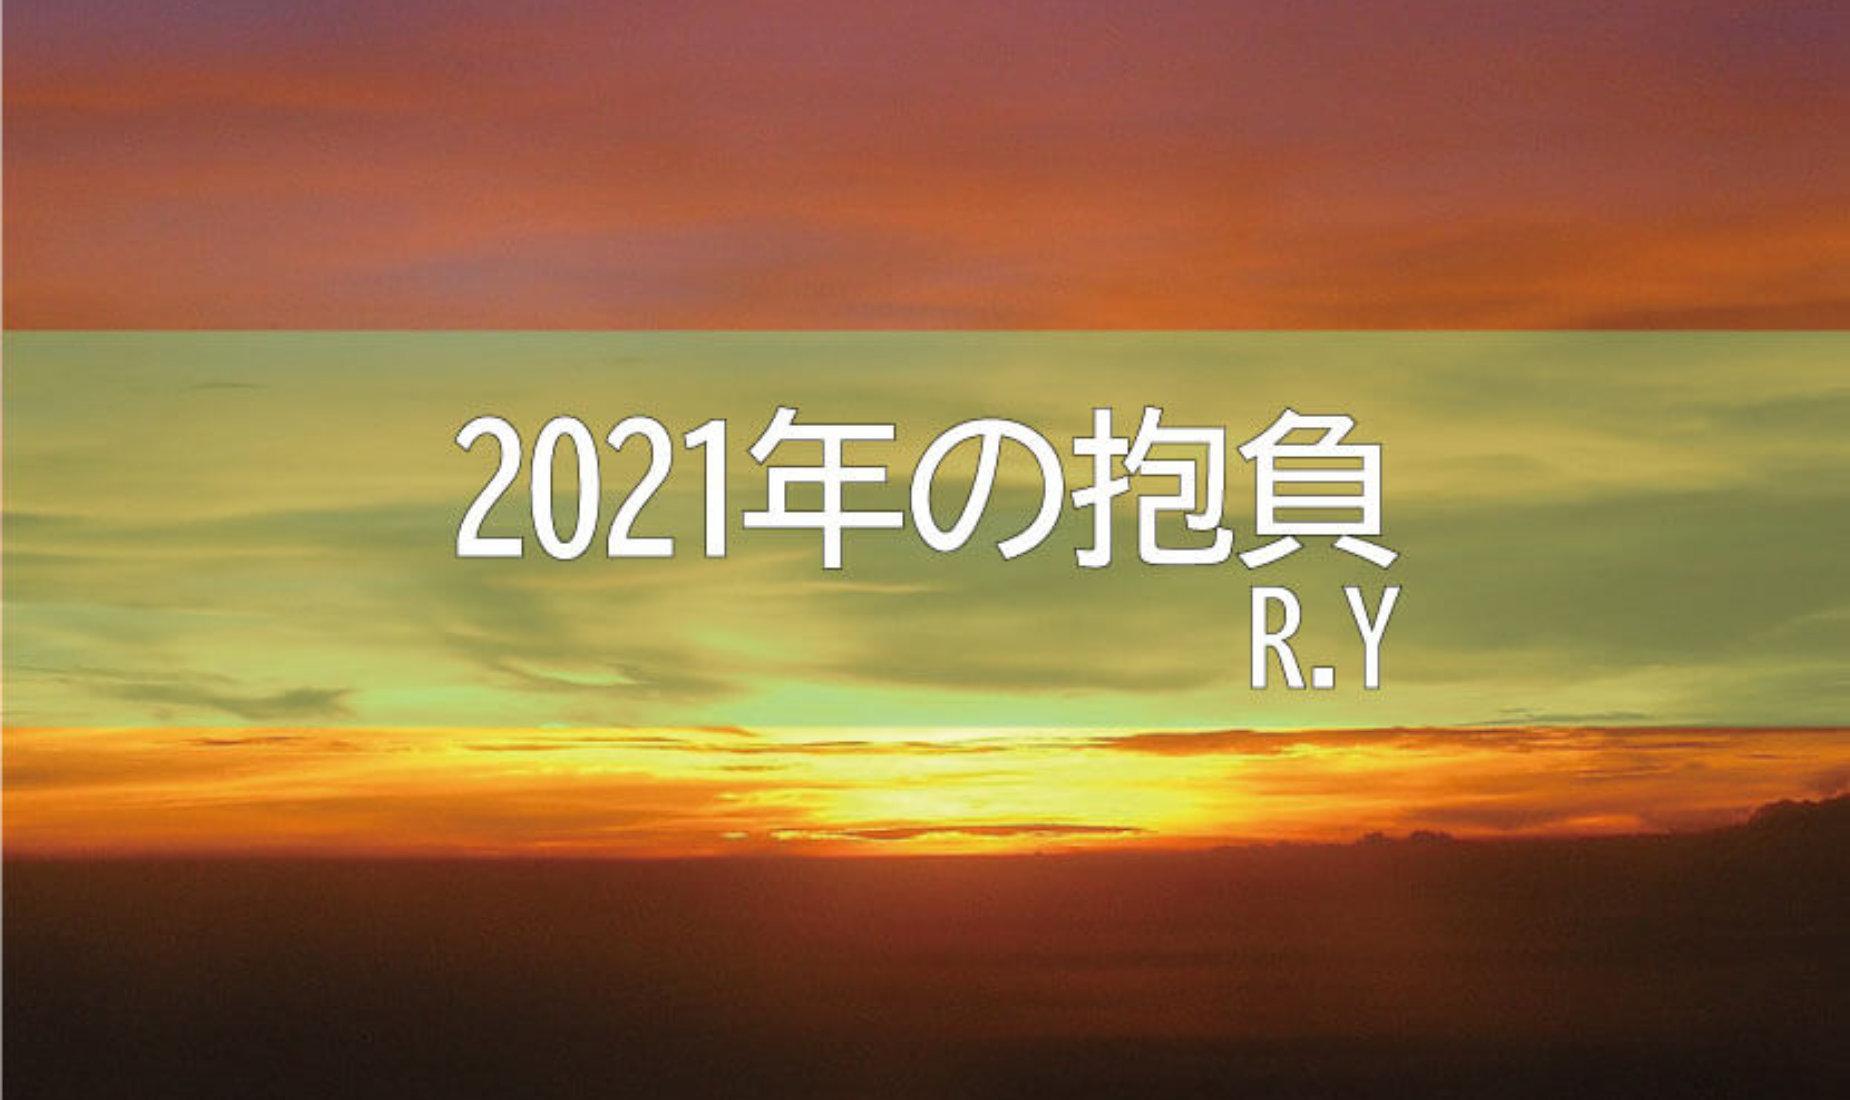 2021年の抱負 R.Y